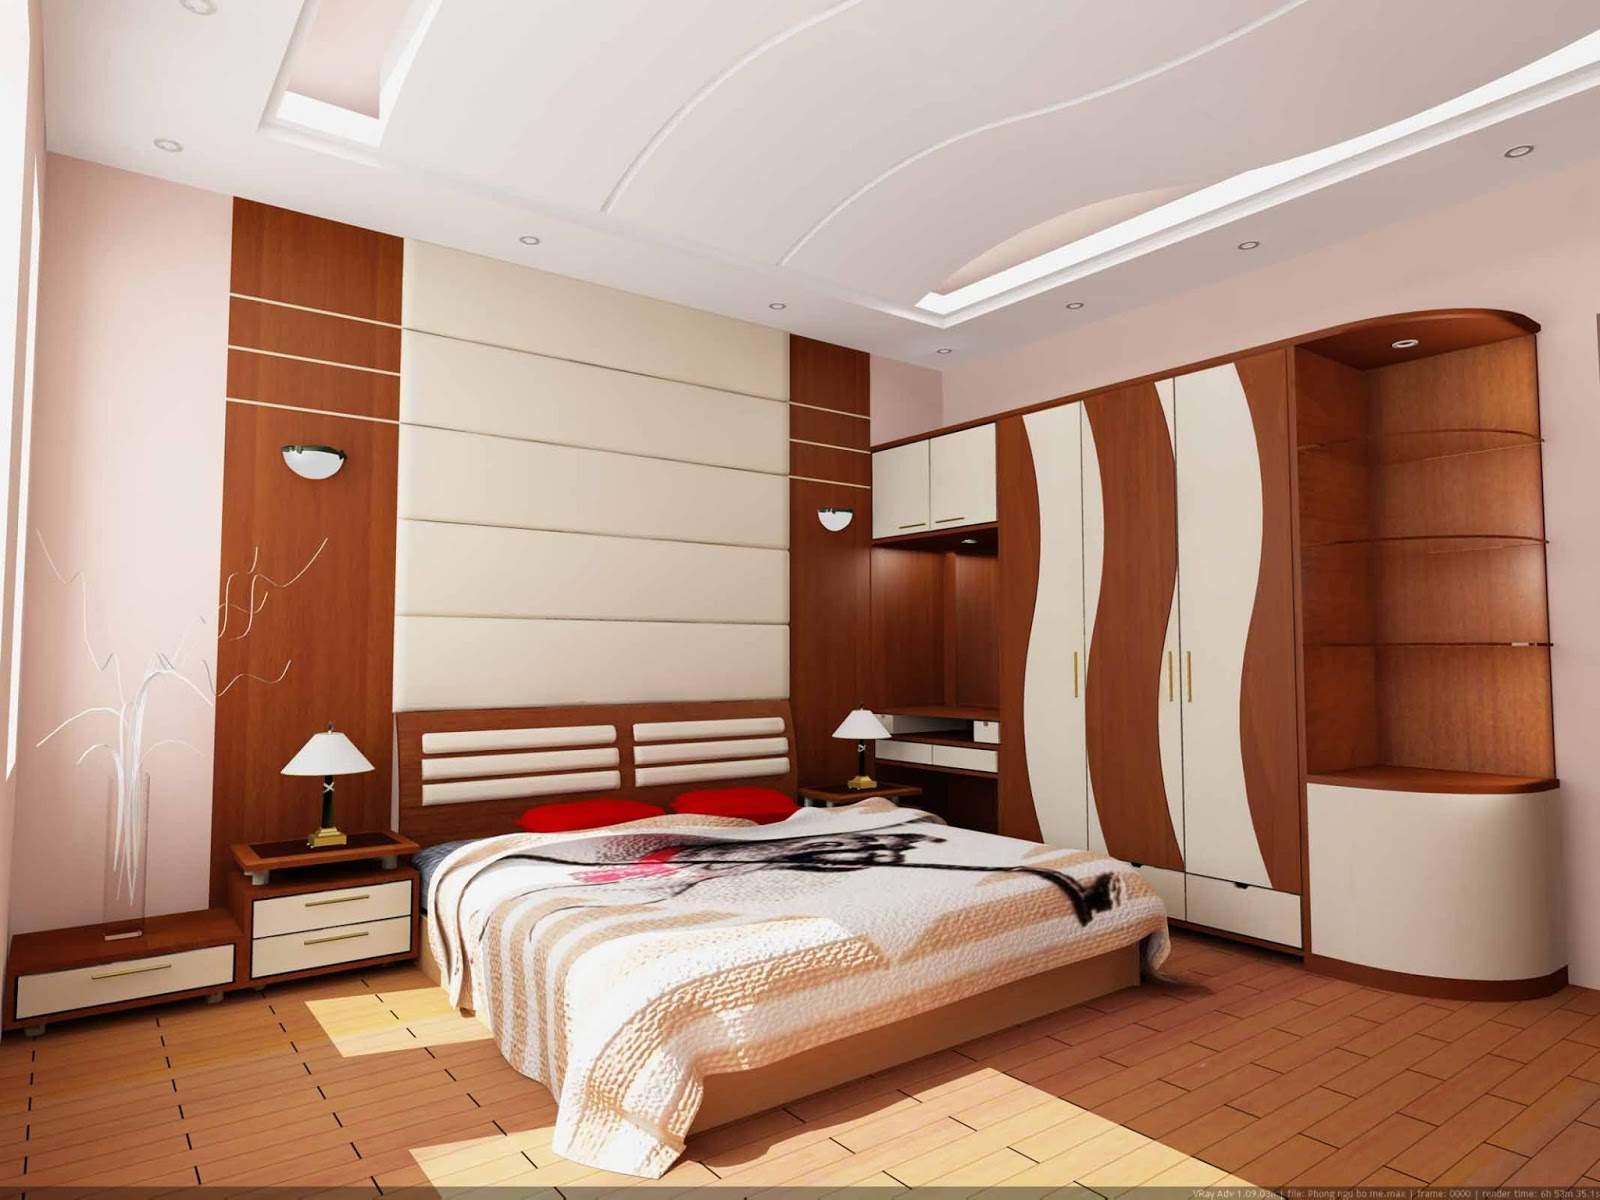 những thiết kế phòng ngủ đẹp nhất cho nhà hiện đại